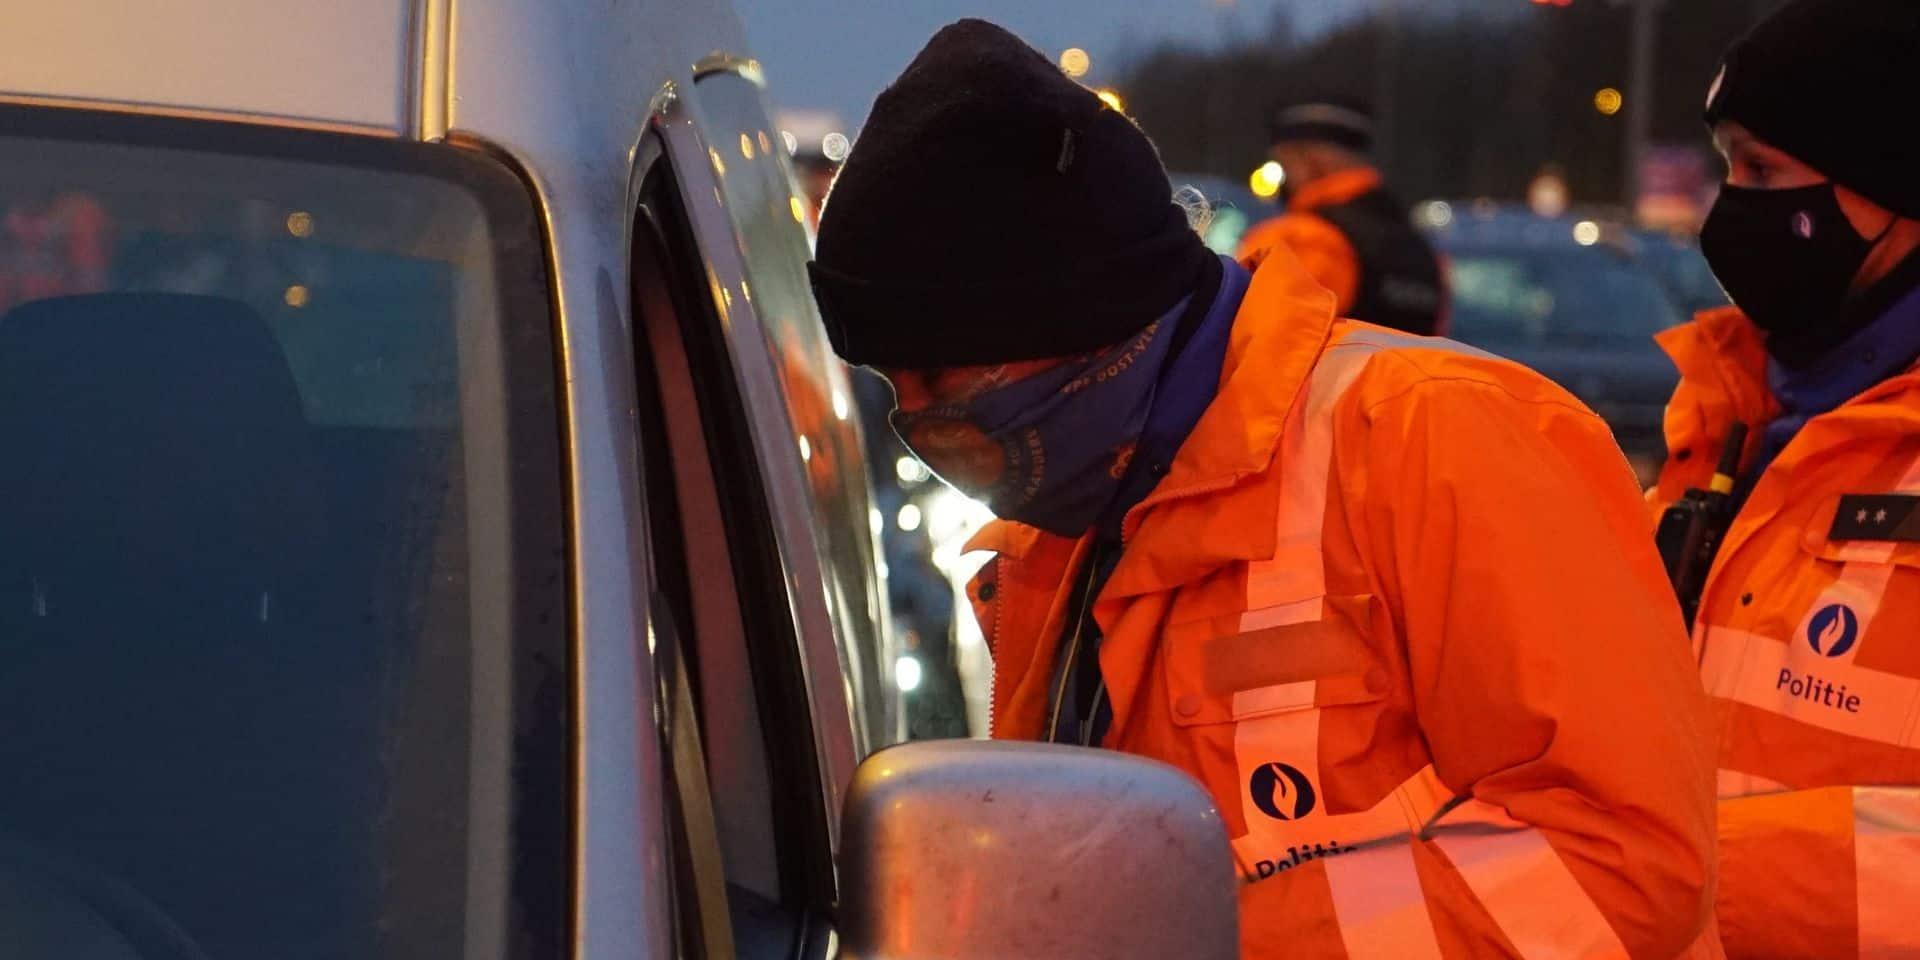 """""""C'était une nuit calme"""" : un réveillon sans embûche pour la police"""